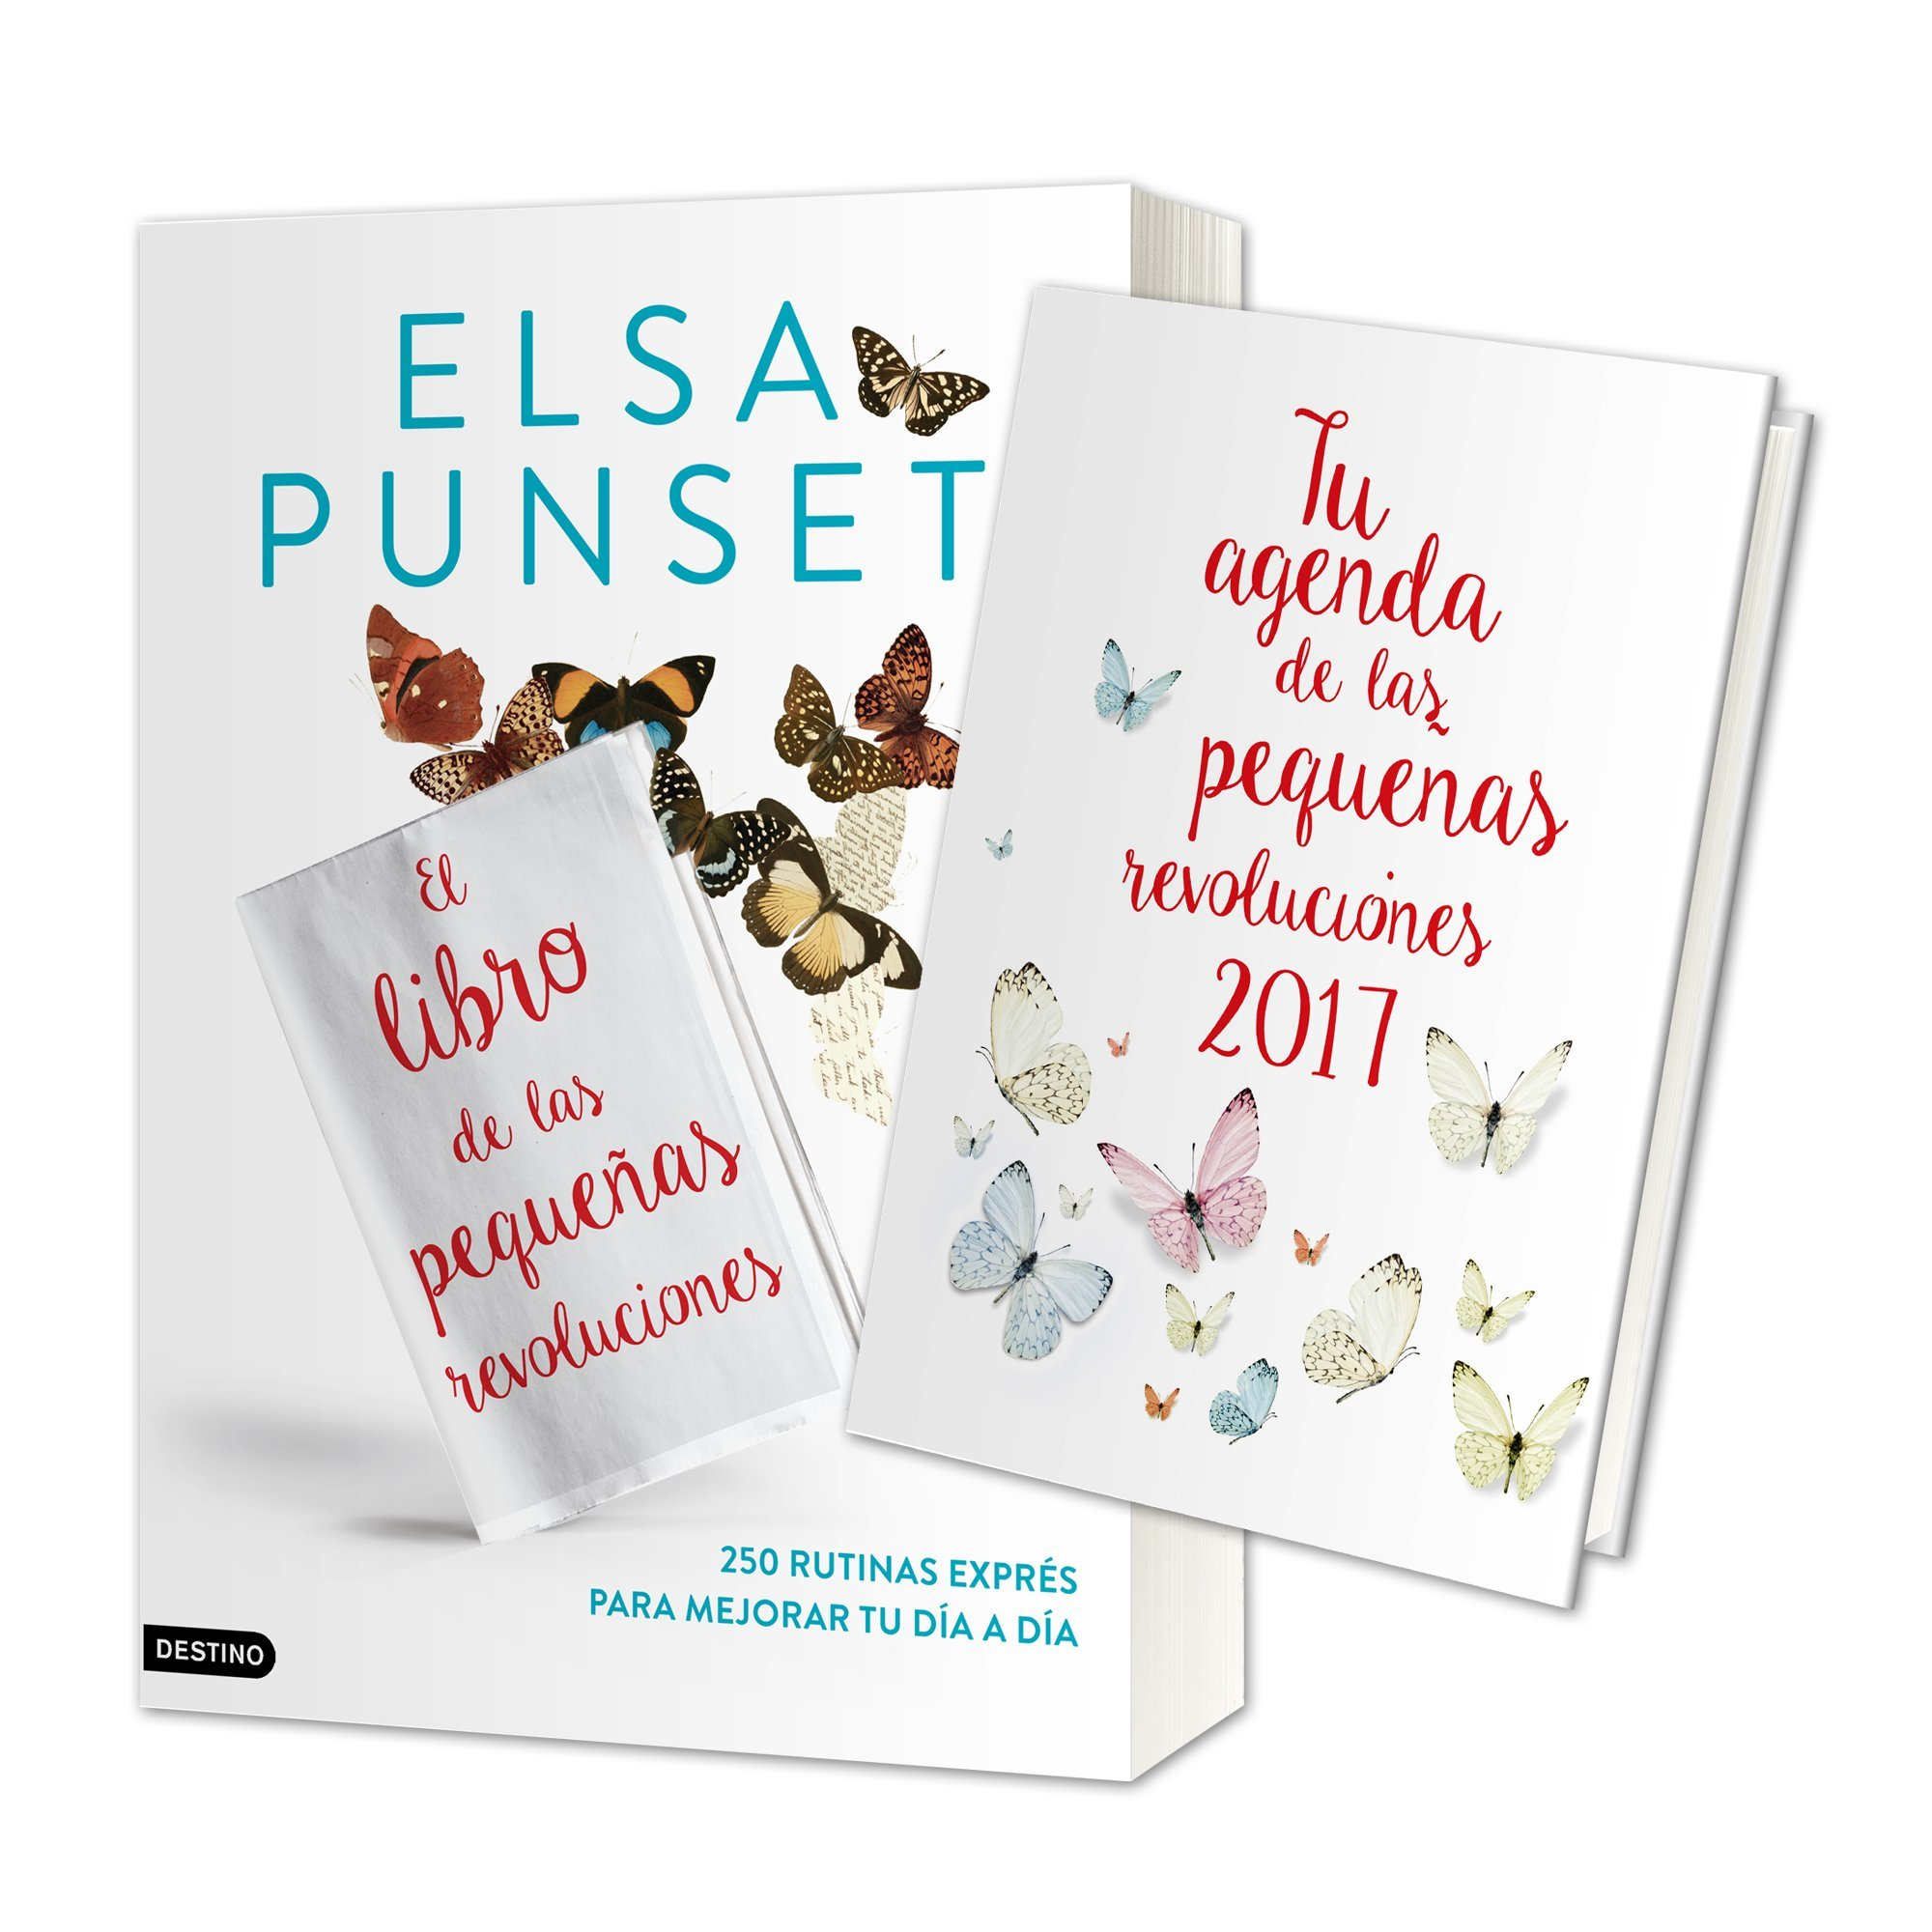 Pack El libro de las pequeñas revoluciones Imago Mundi: Amazon.es: Elsa Punset: Libros